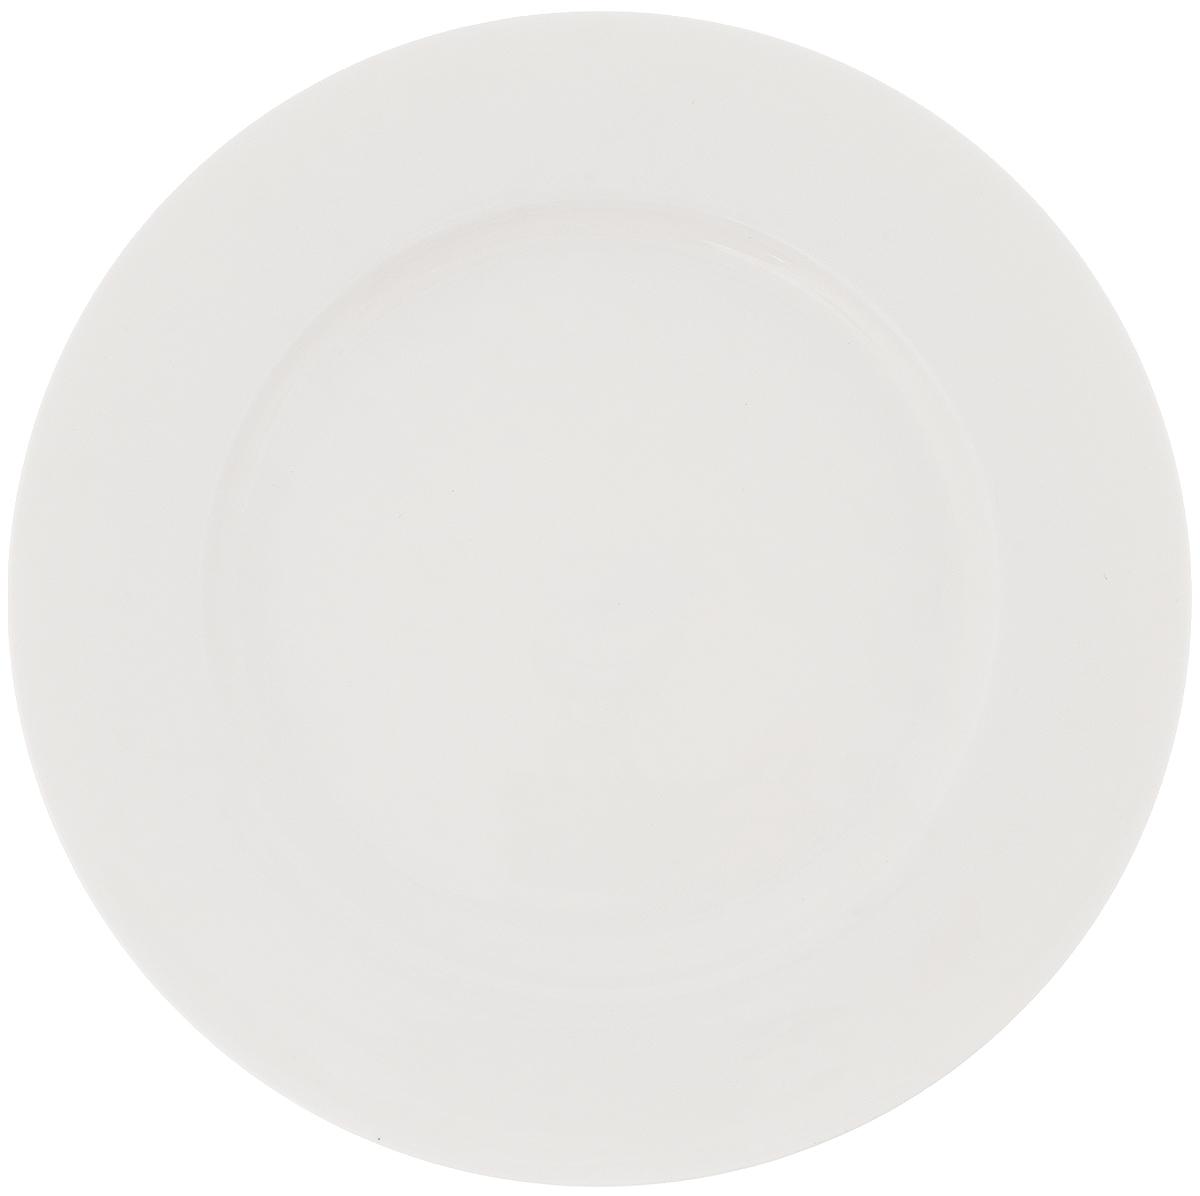 Тарелка Wilmax, диаметр 23 см. WL-991007 / A115610Тарелка Wilmax, изготовленная из высококачественного фарфора, имеет классическую круглую форму. Оригинальный дизайн придется по вкусу и ценителям классики, и тем, кто предпочитает утонченность и изысканность. Тарелка Wilmax идеально подойдет для сервировки стола и станет отличным подарком к любому празднику.